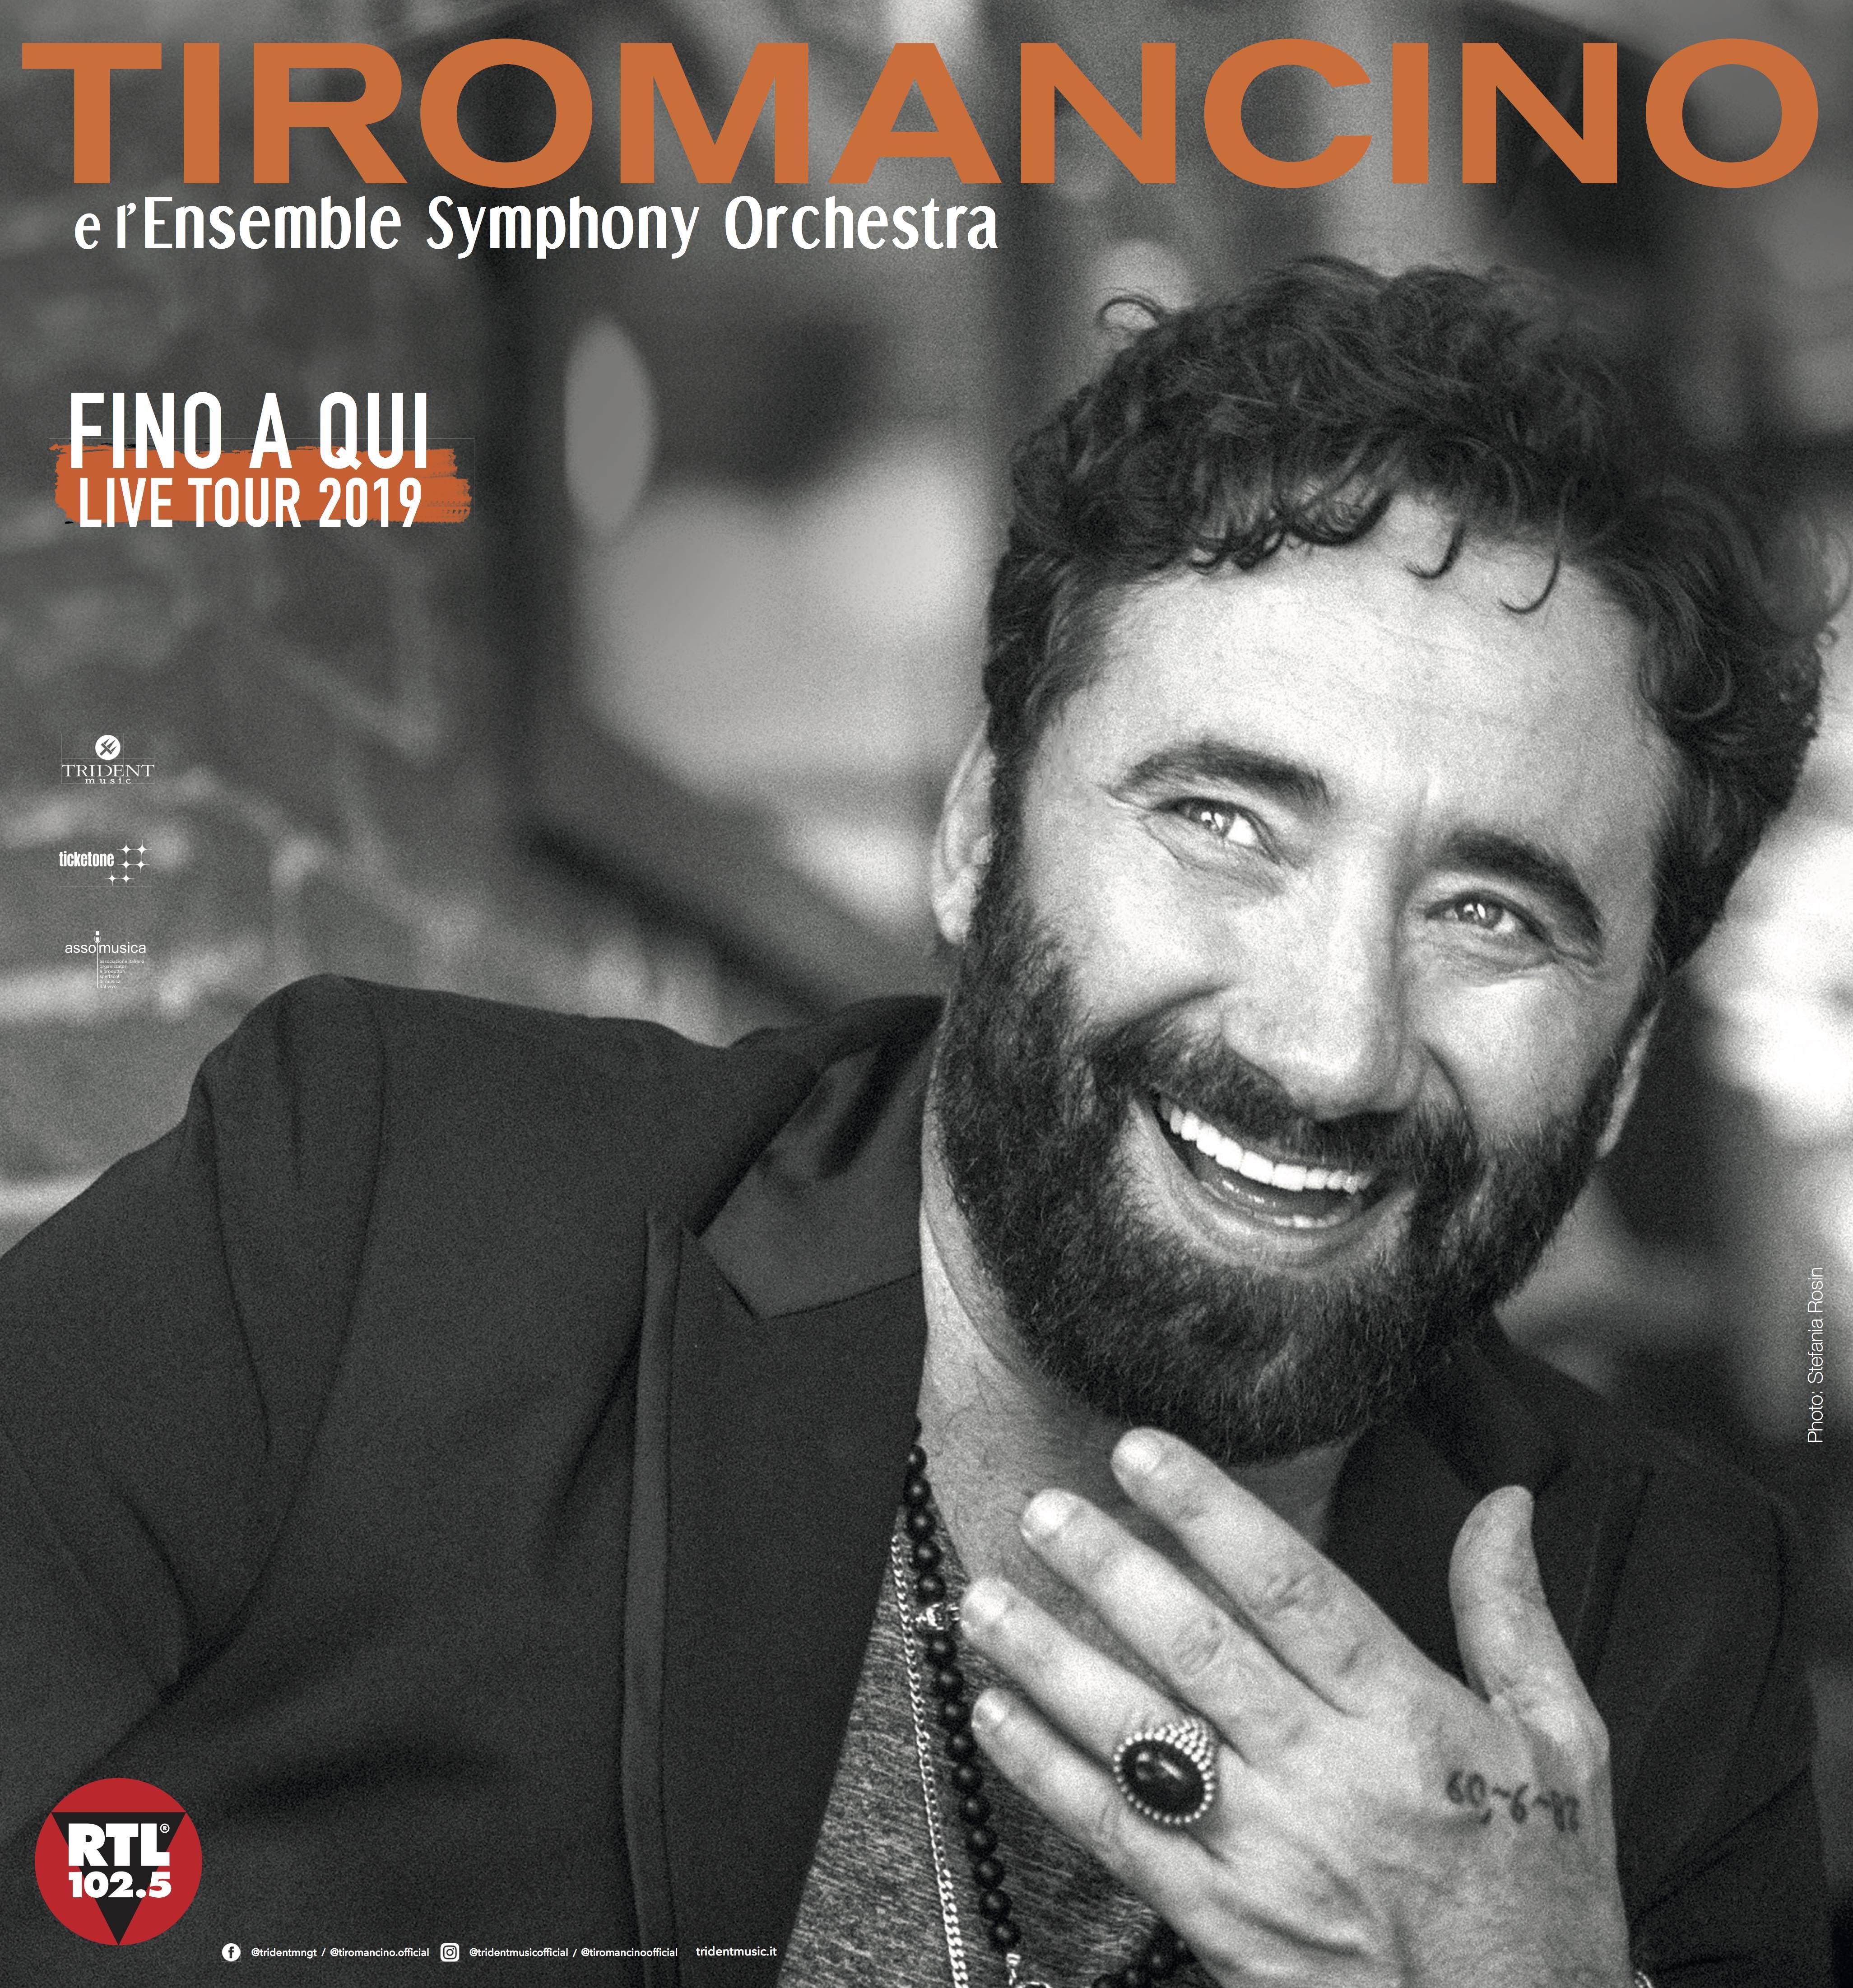 Marenia Nonsolomare, Marina di Pisa – 19 Agosto 2019 – Tiromancino e l'Ensemble Symphony Orchestra